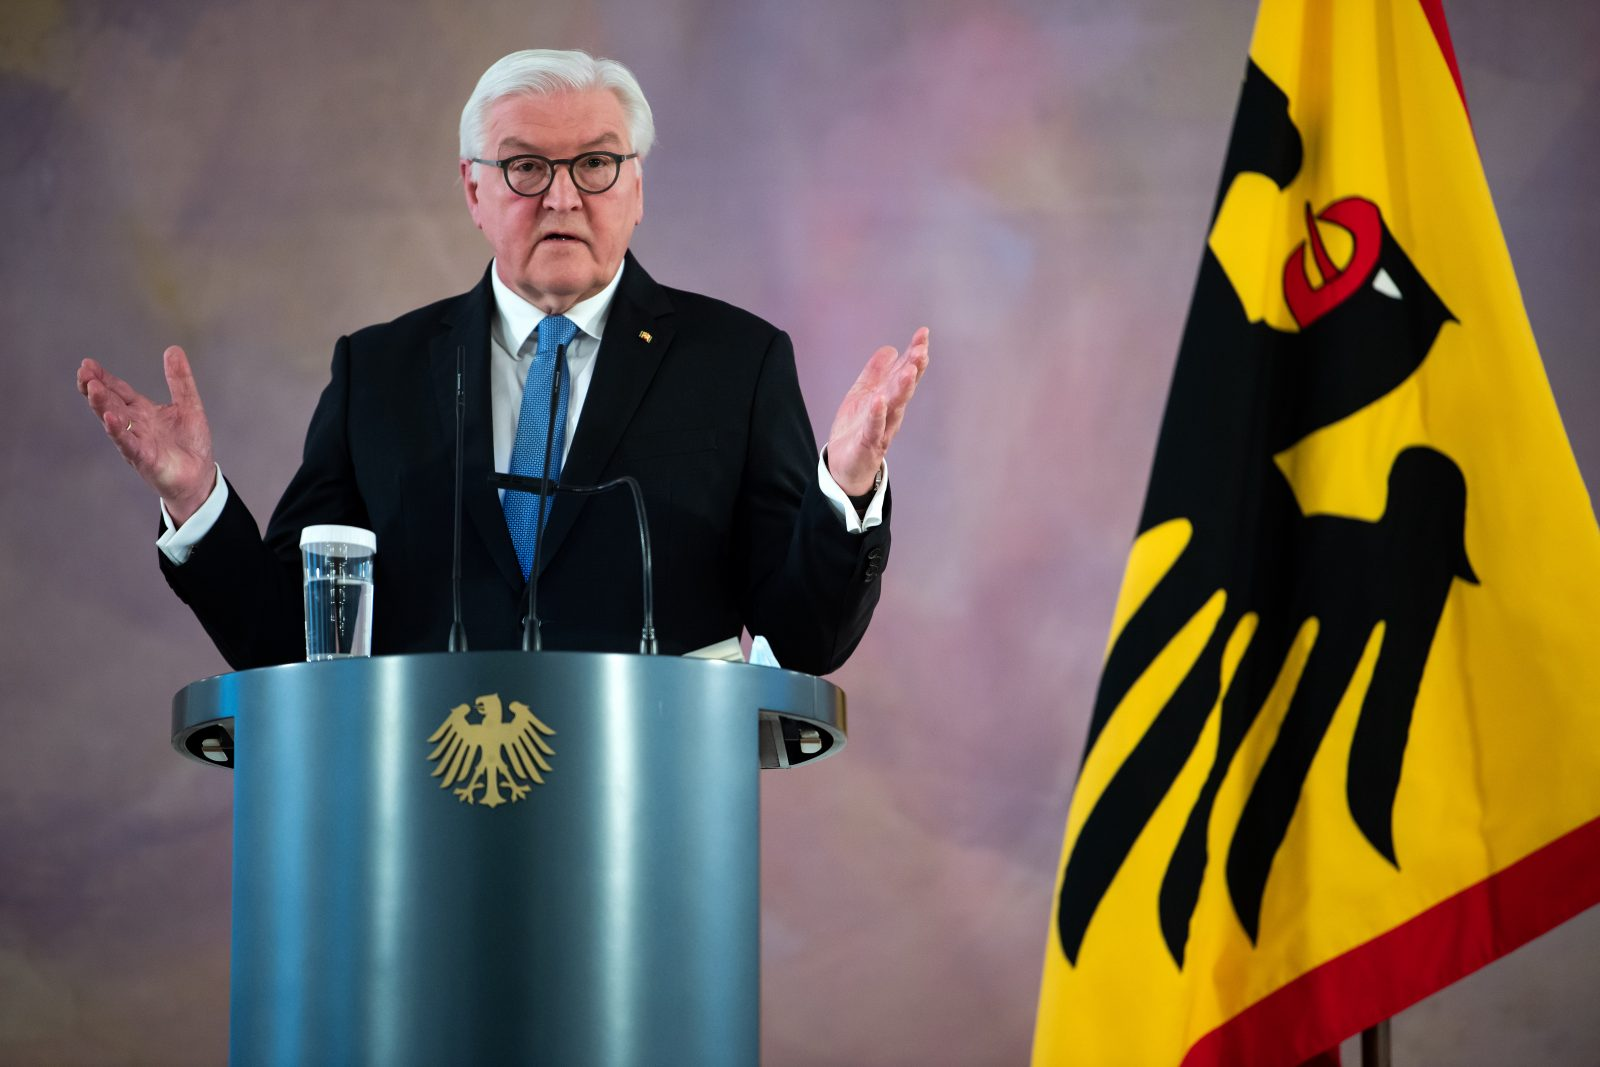 Bundespräsident Frank-Walter Steinmeier: Lebt das, was er vorgibt nicht zu sein